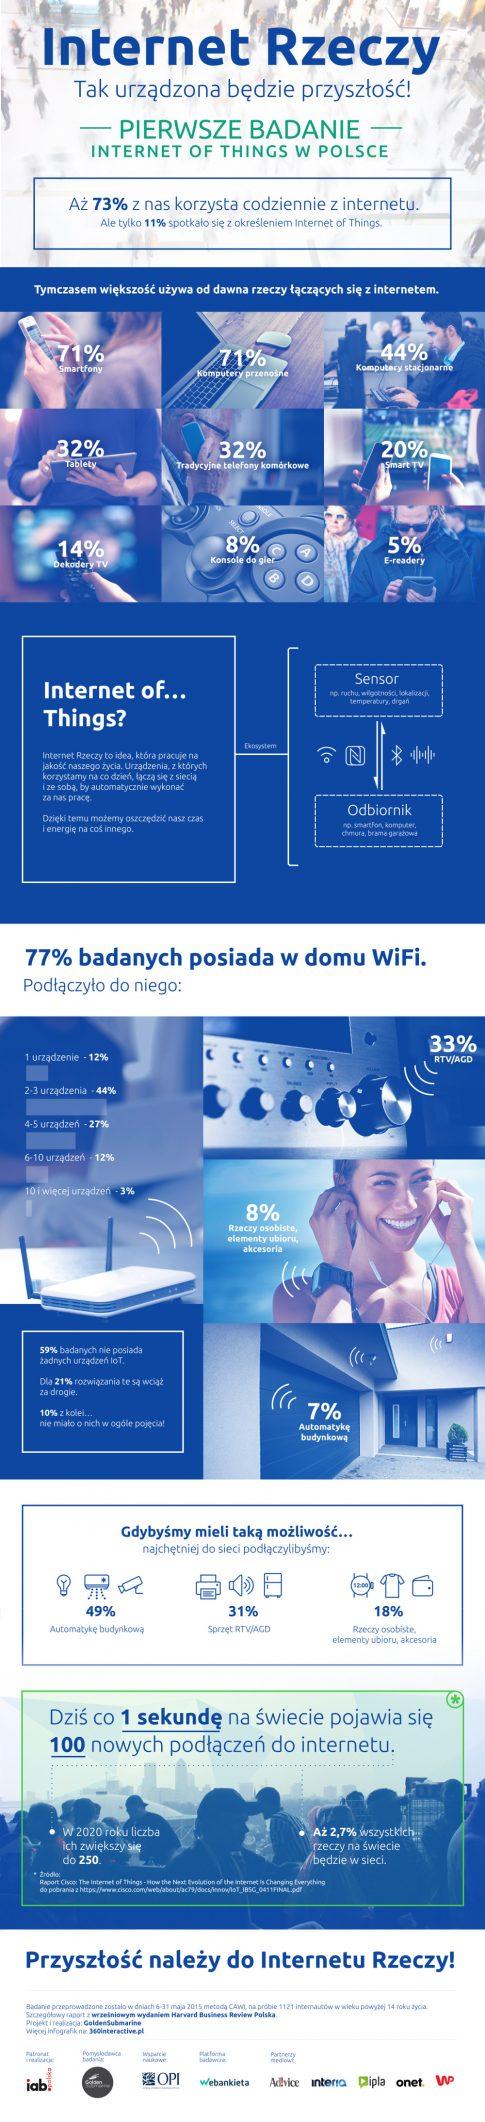 internet-rzeczy-raport-infografika